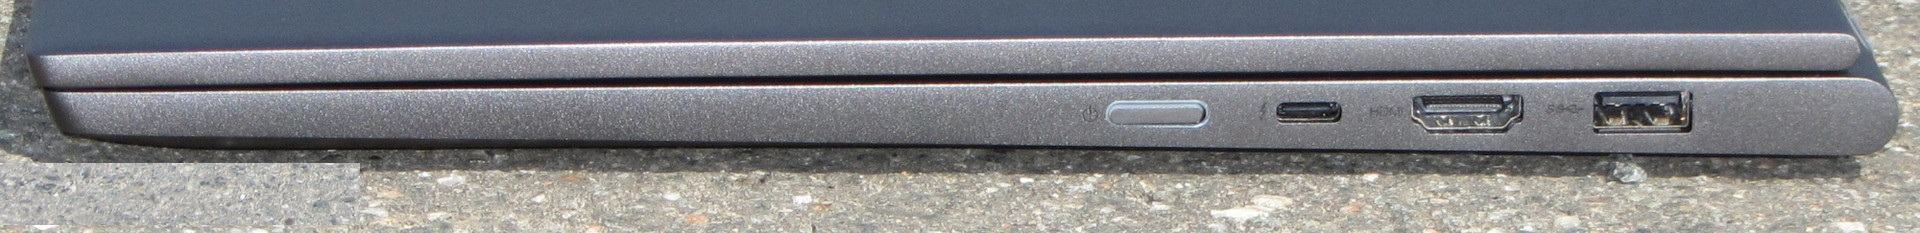 đánh giá Lenovo Yoga 730-15IKB